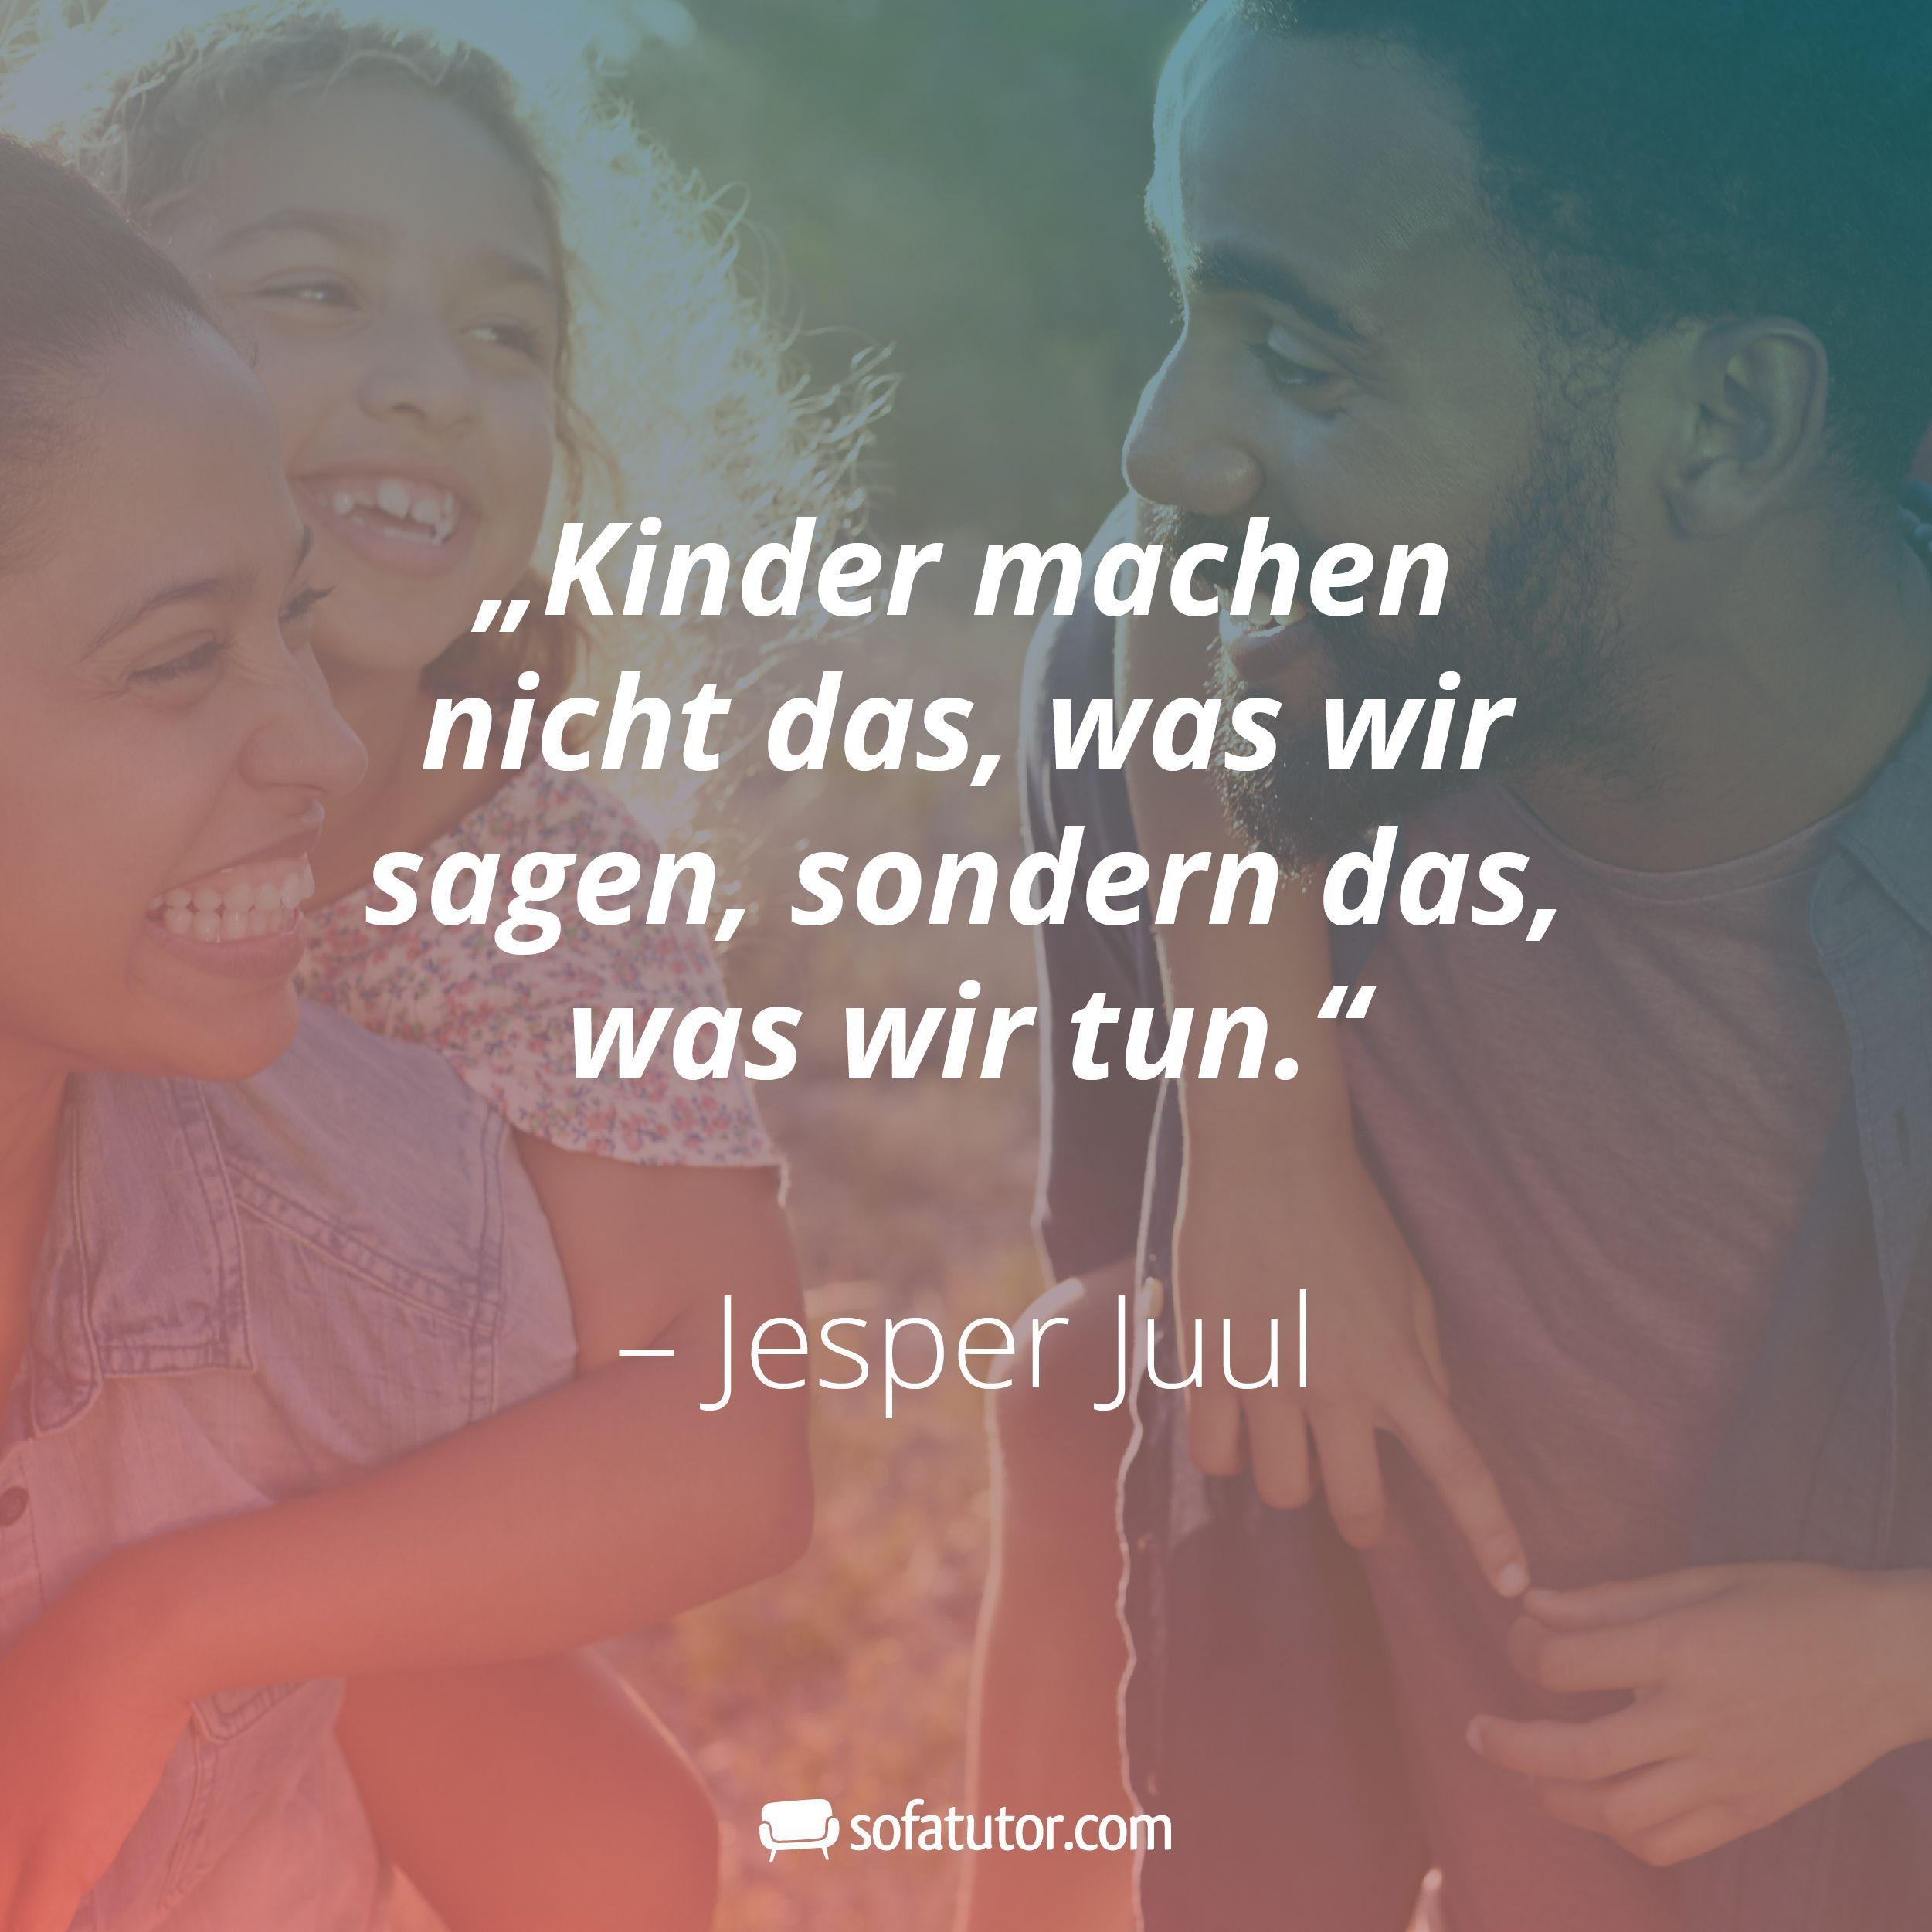 #das #Jesper #Juu #Kinder #machen #nicht #sagen #sondern #tun #wir